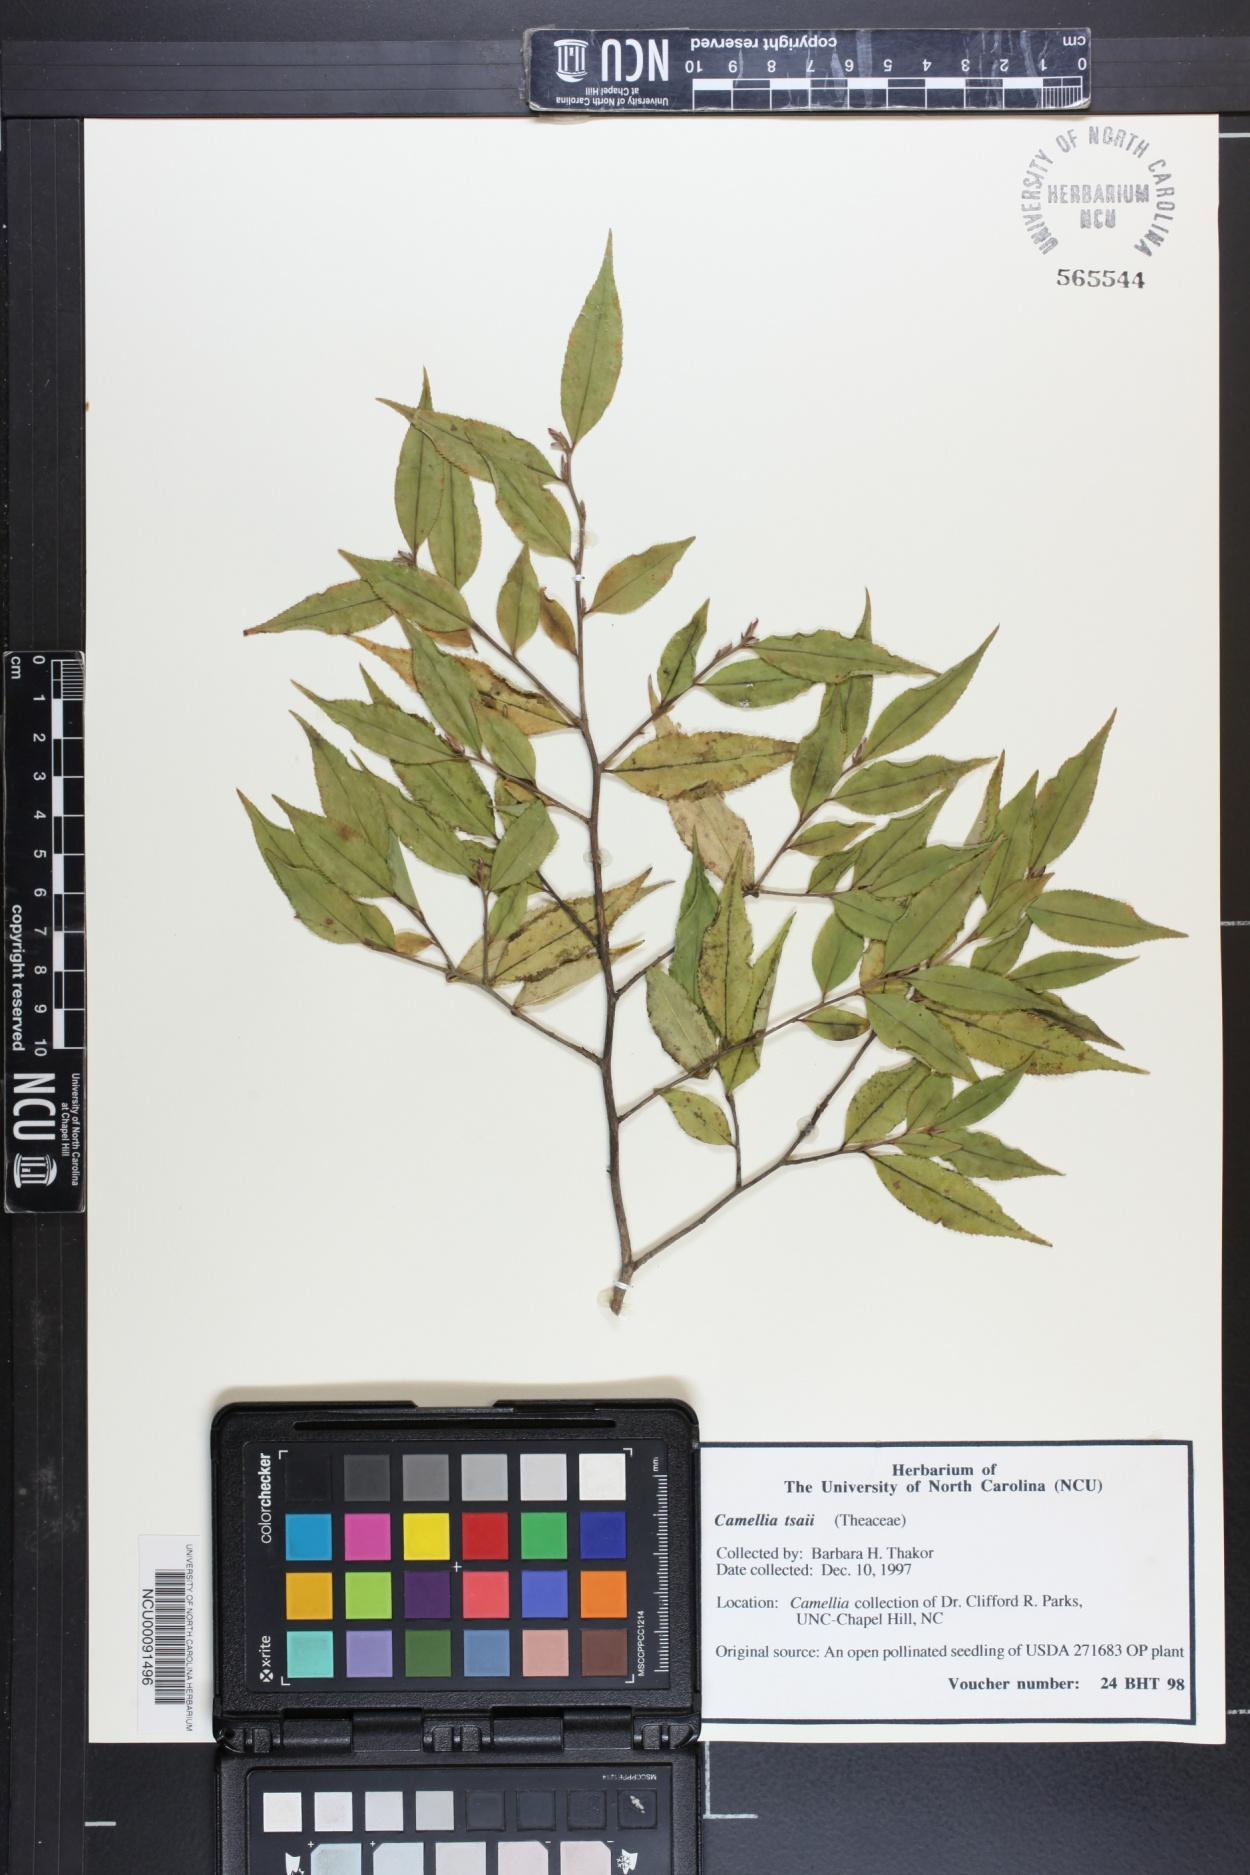 Camellia tsaii image